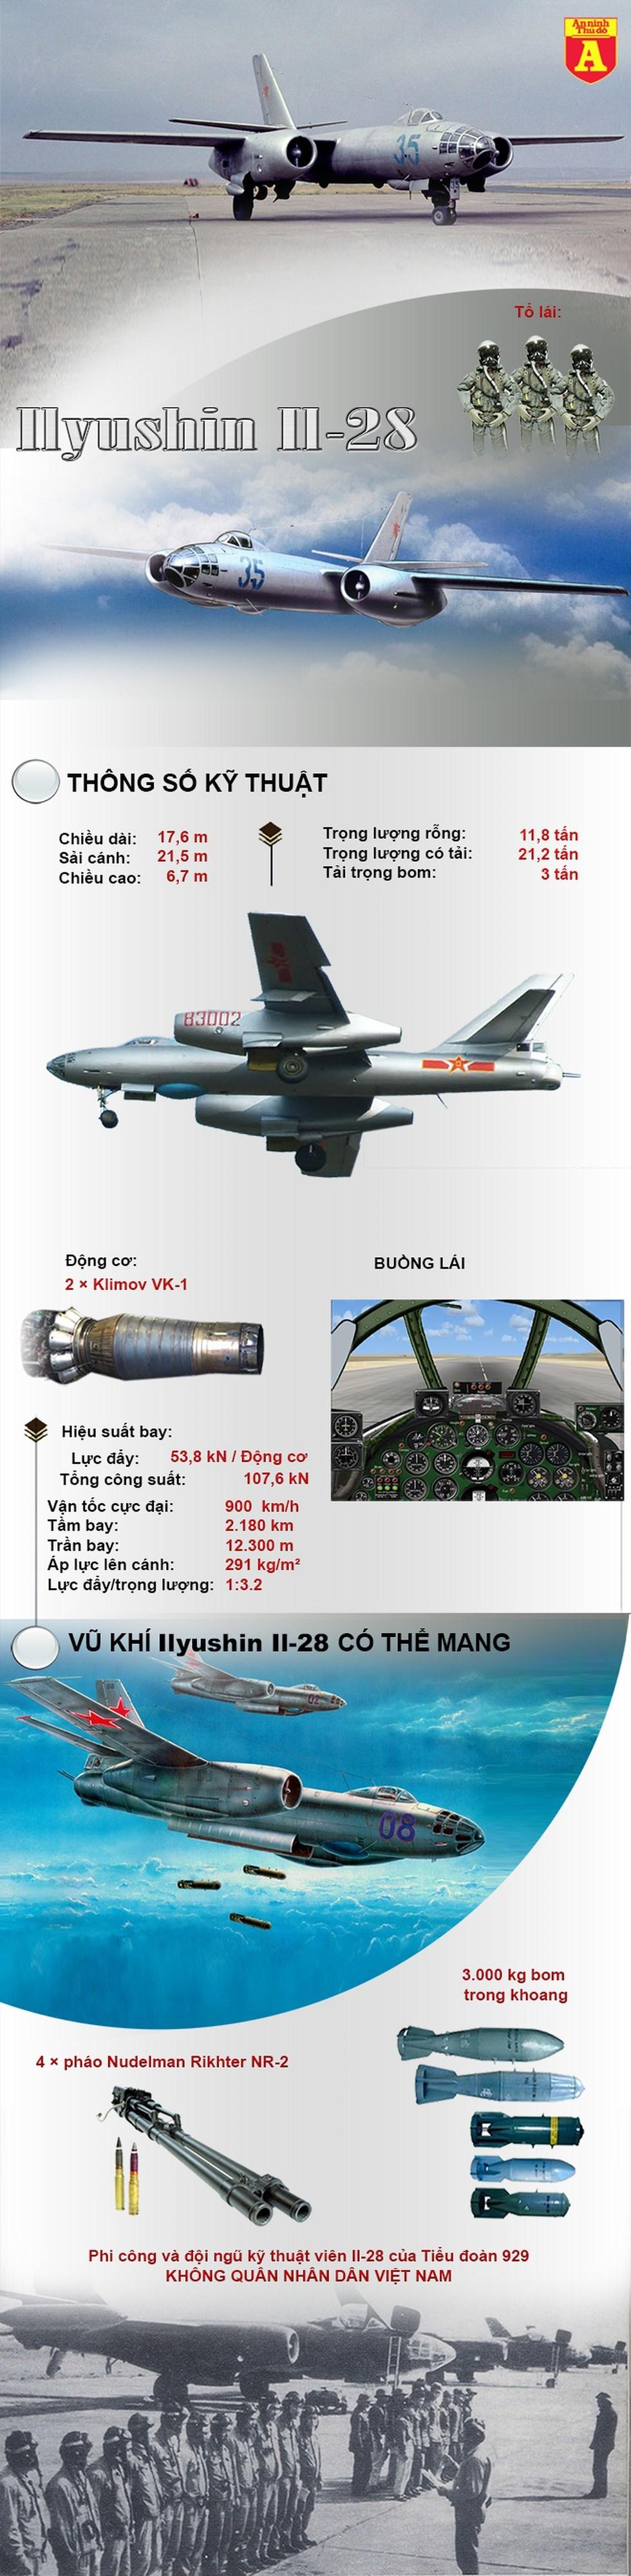 Bất ngờ với máy bay ném bom duy nhất của không quân Việt Nam